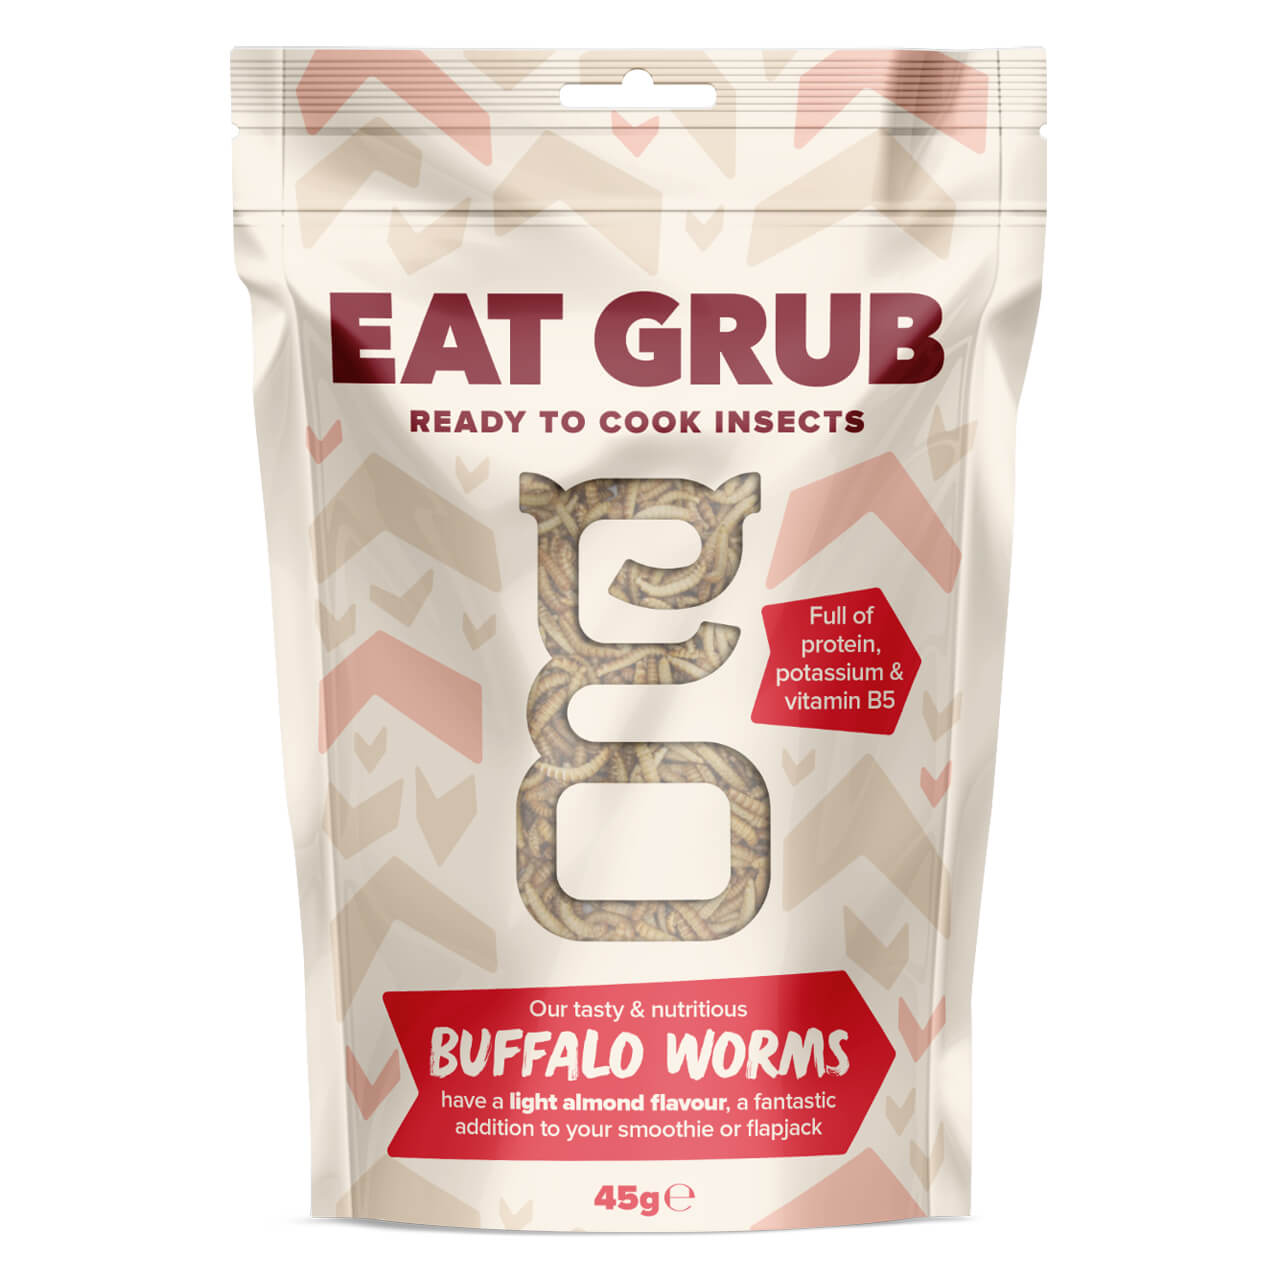 Eat Grub クッキングシリーズBIG バッファローワーム 45g